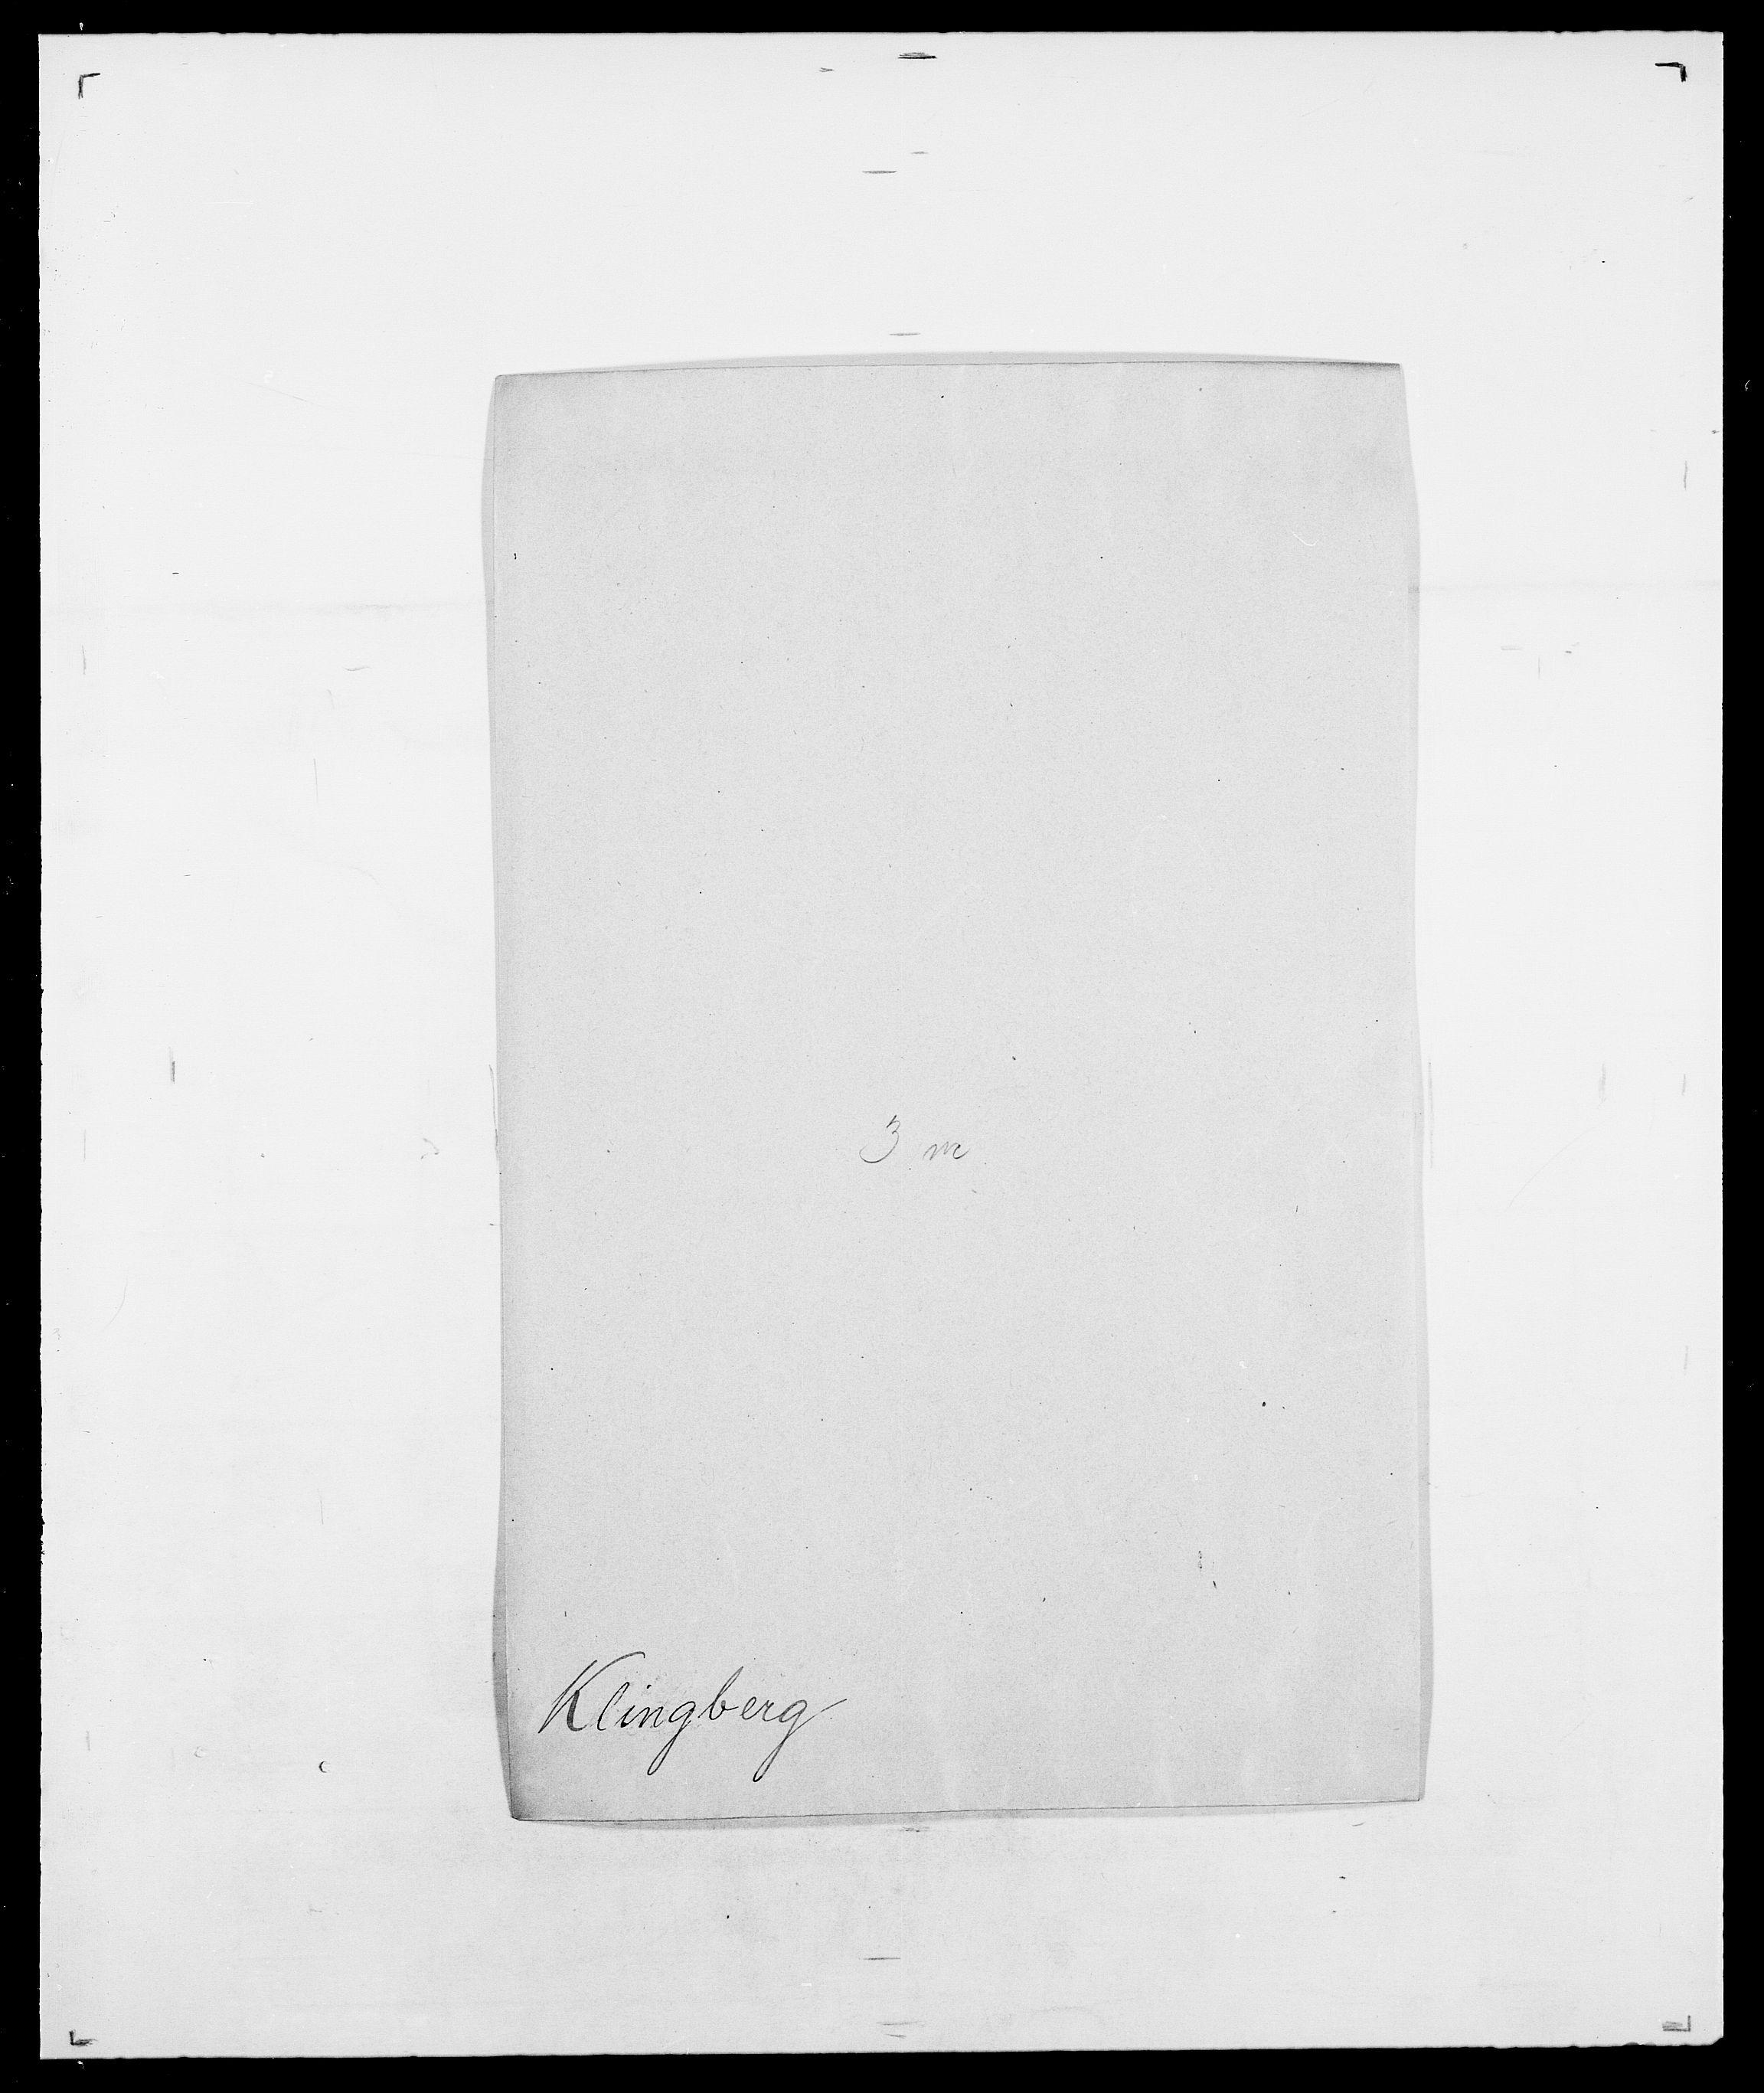 SAO, Delgobe, Charles Antoine - samling, D/Da/L0021: Klagenberg - Kristoft, s. 81